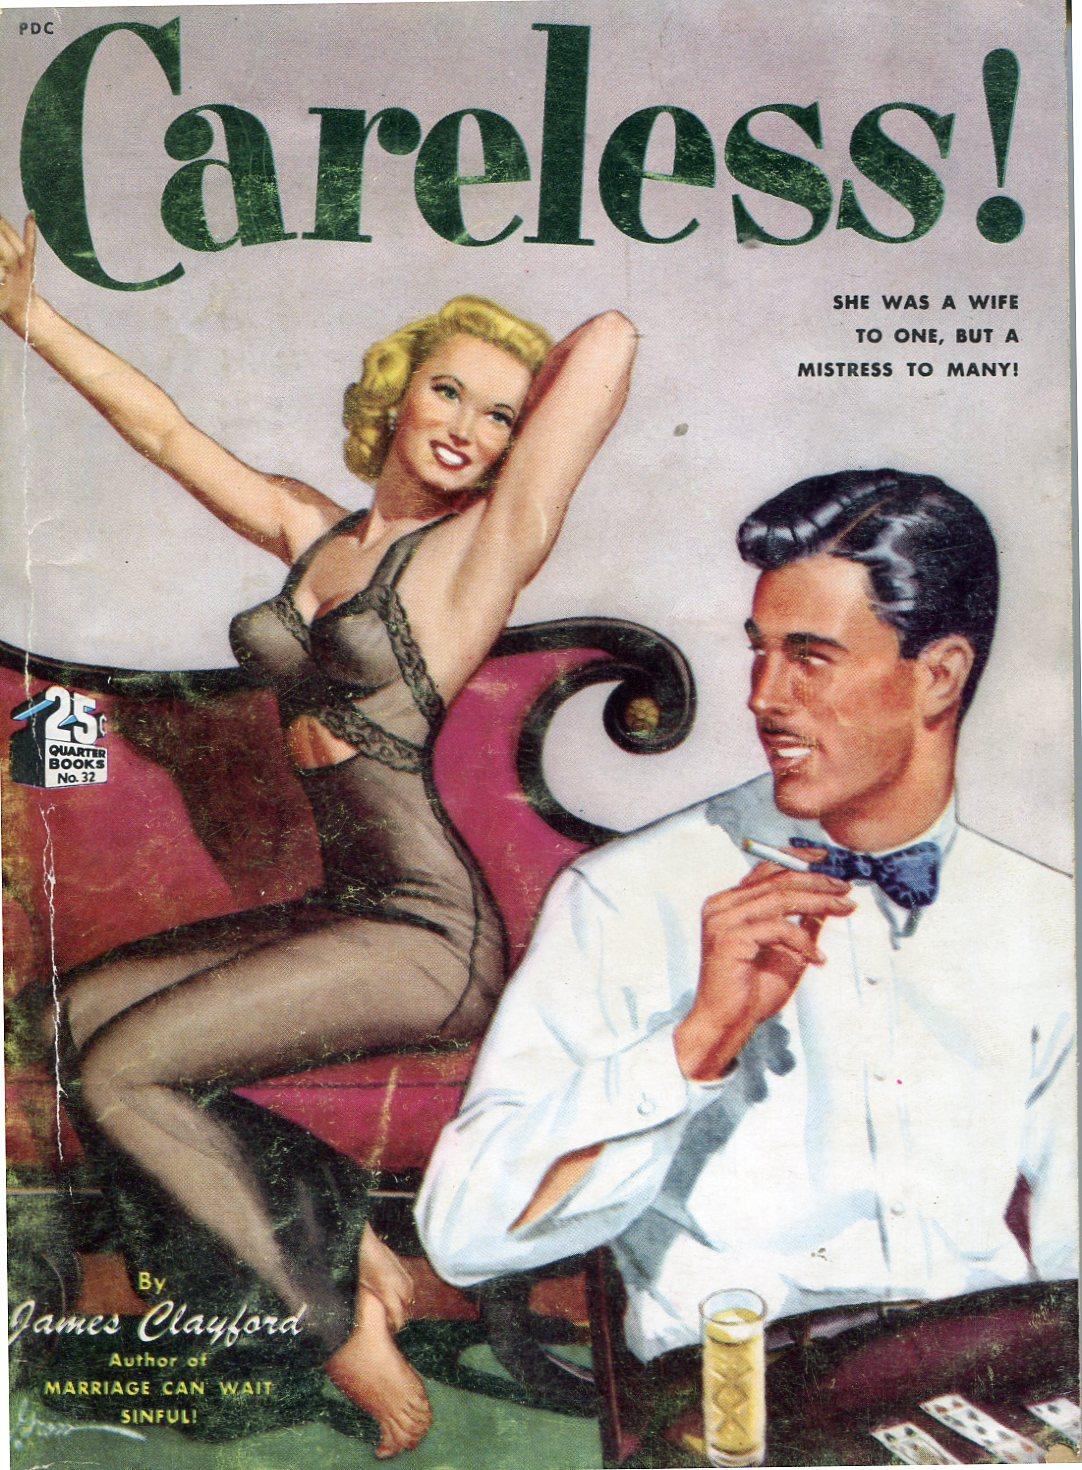 PaperBack Bill Crideru0027s Pop Culture Magazine 5116